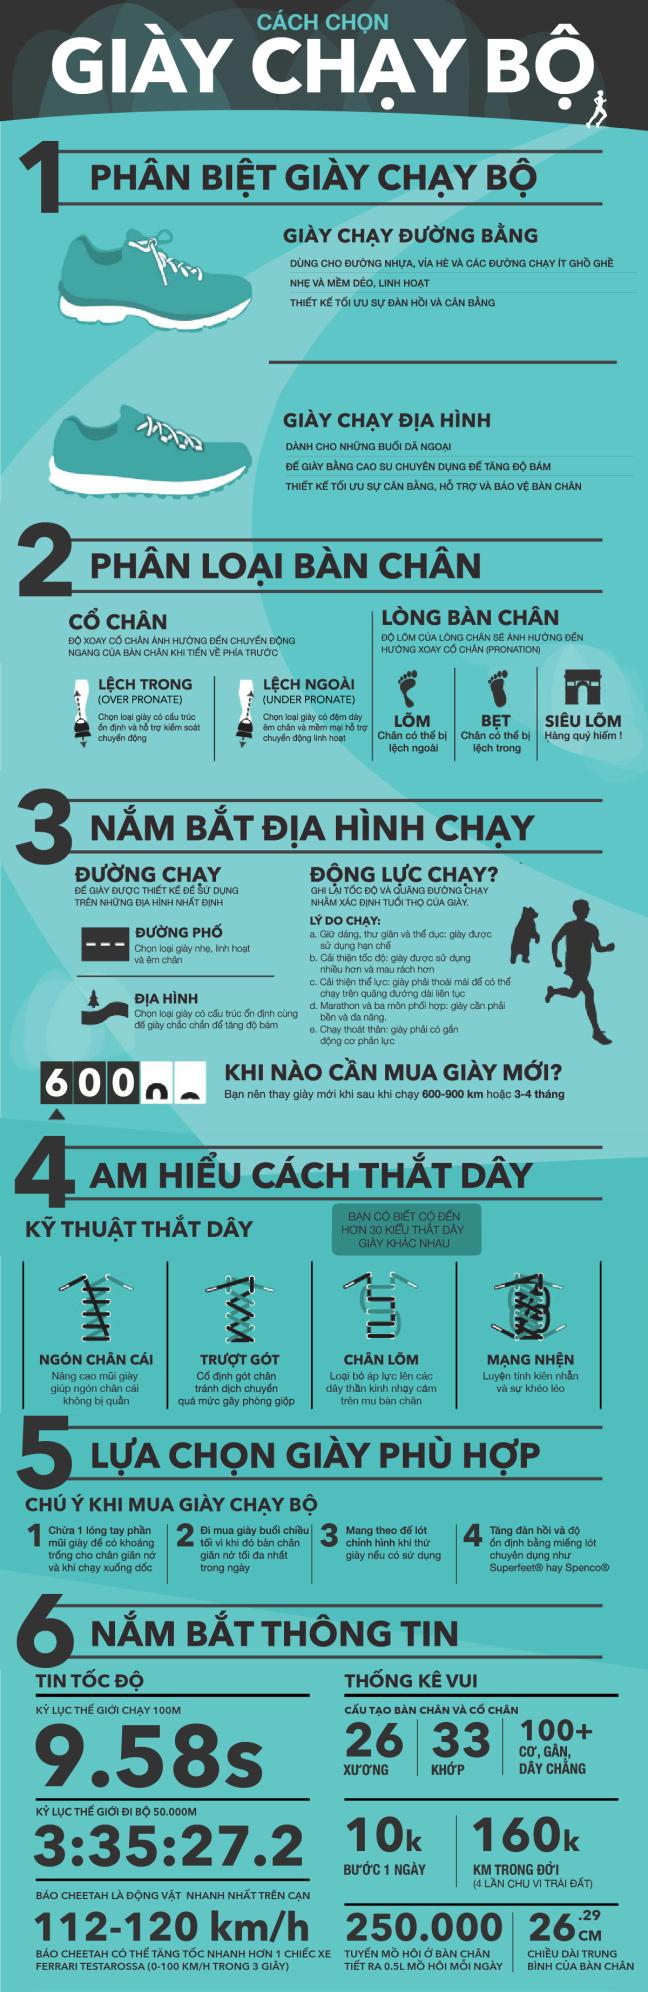 Ban da chon duoc cho minh doi GIAY CHAY BOdung chuan chua?